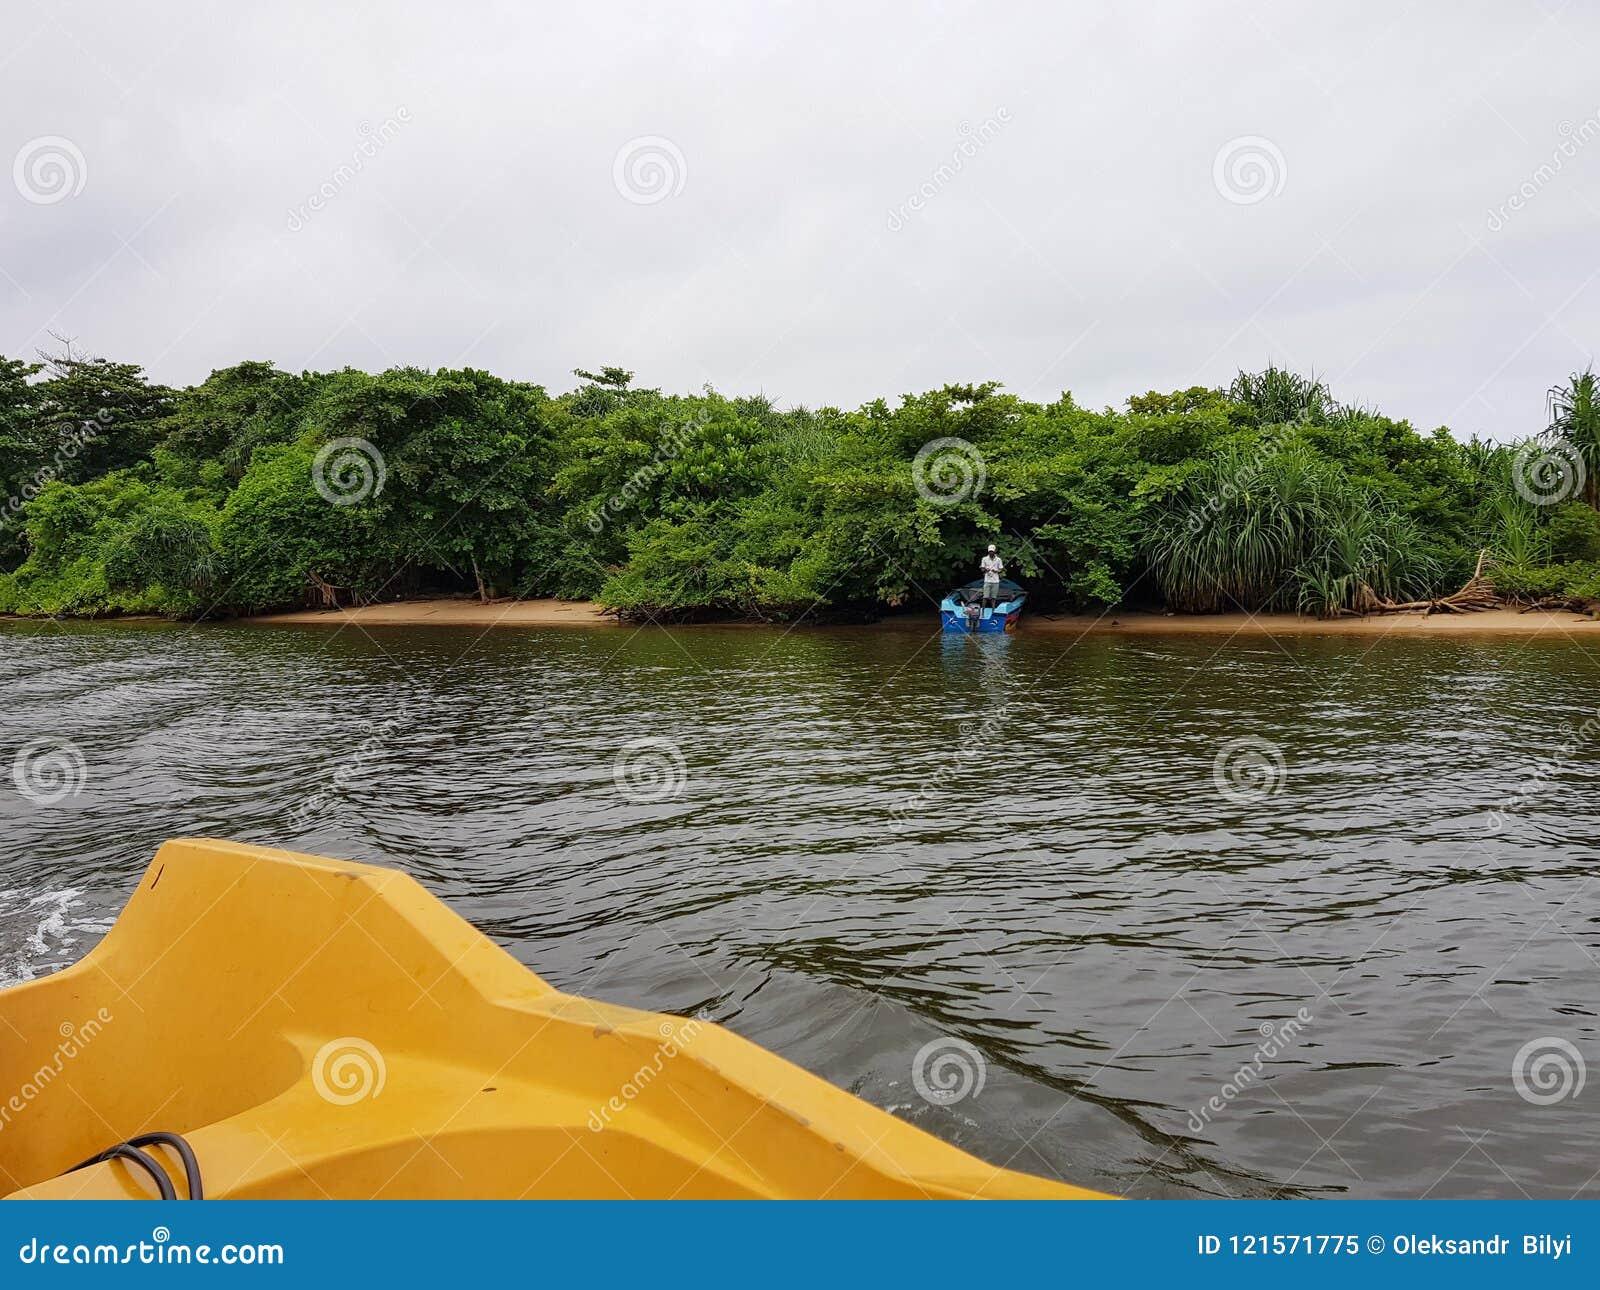 Aluthgama, Sri Lanka - 4 mai 2018 : le pêcheur pêche des poissons dans un bateau sur la rivière